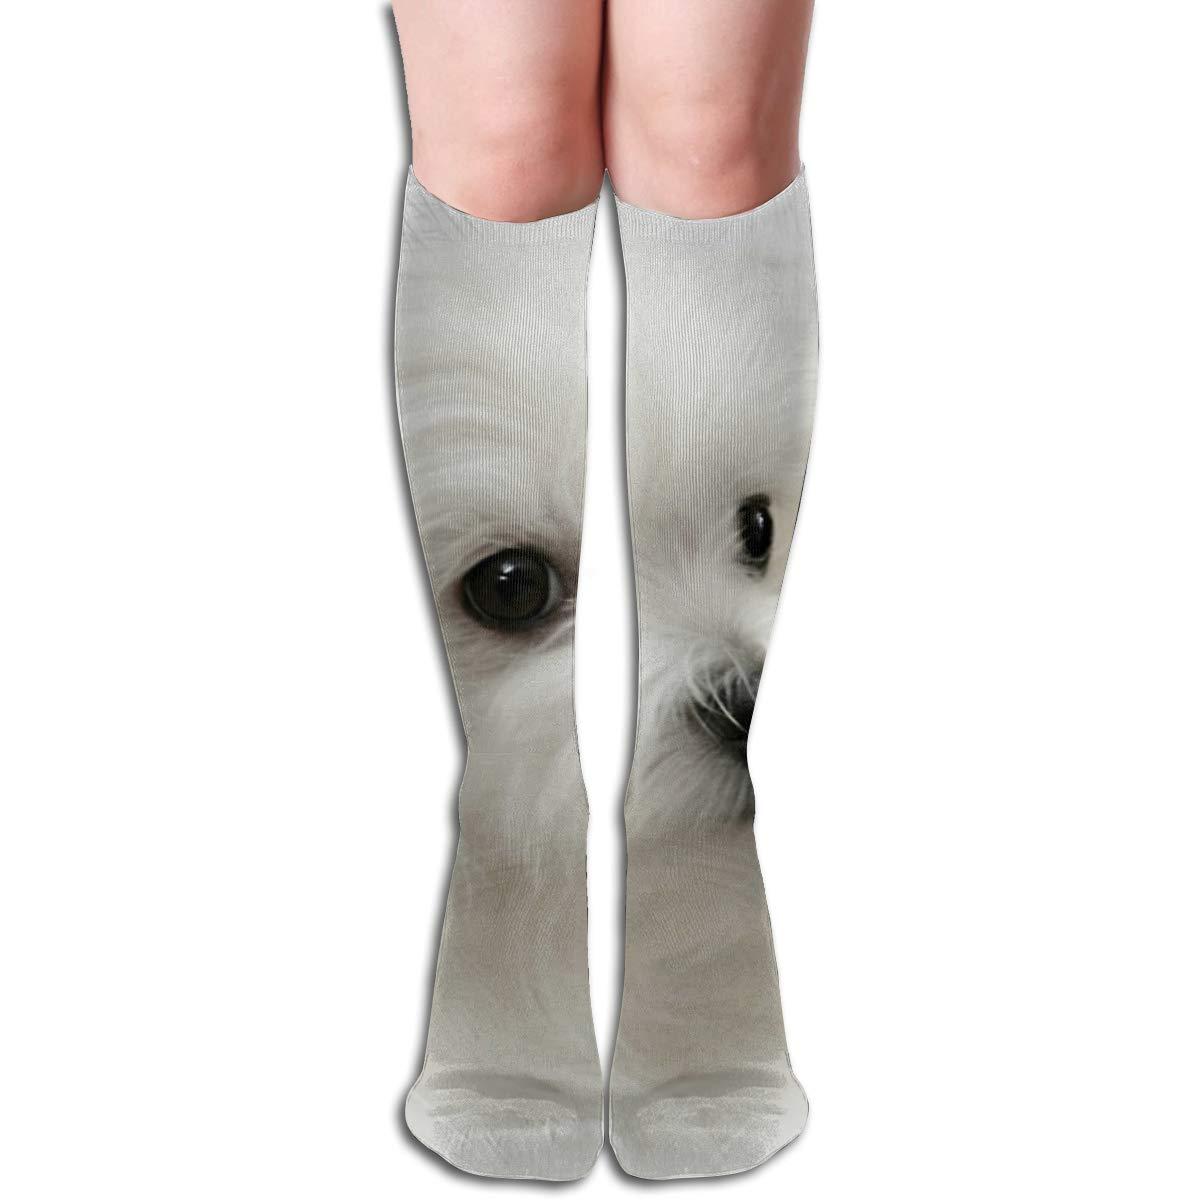 Hermes The MalteseFashion Athletic Socks Knee High Socks For Men/&Women All Sport Holiday